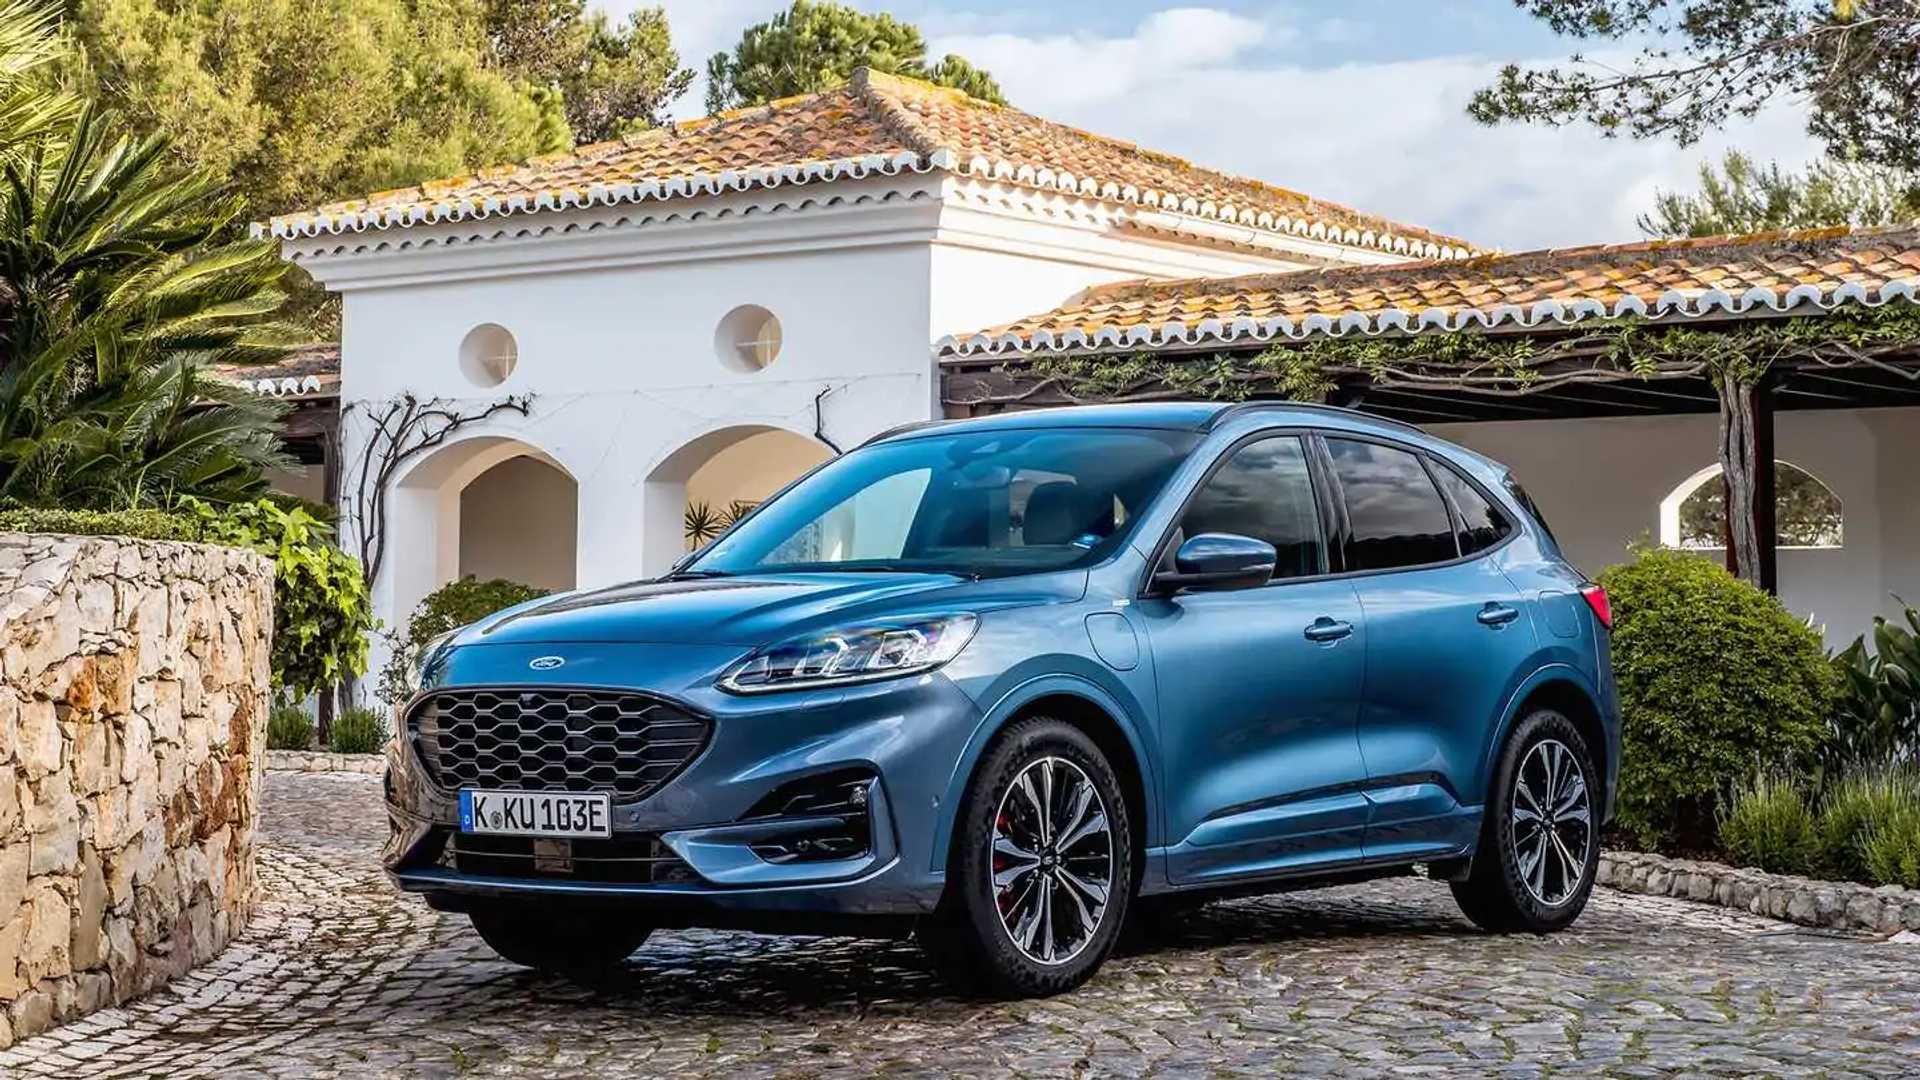 Ford Kuga (2020): Die Preise beginnen bei 26.300 Euro